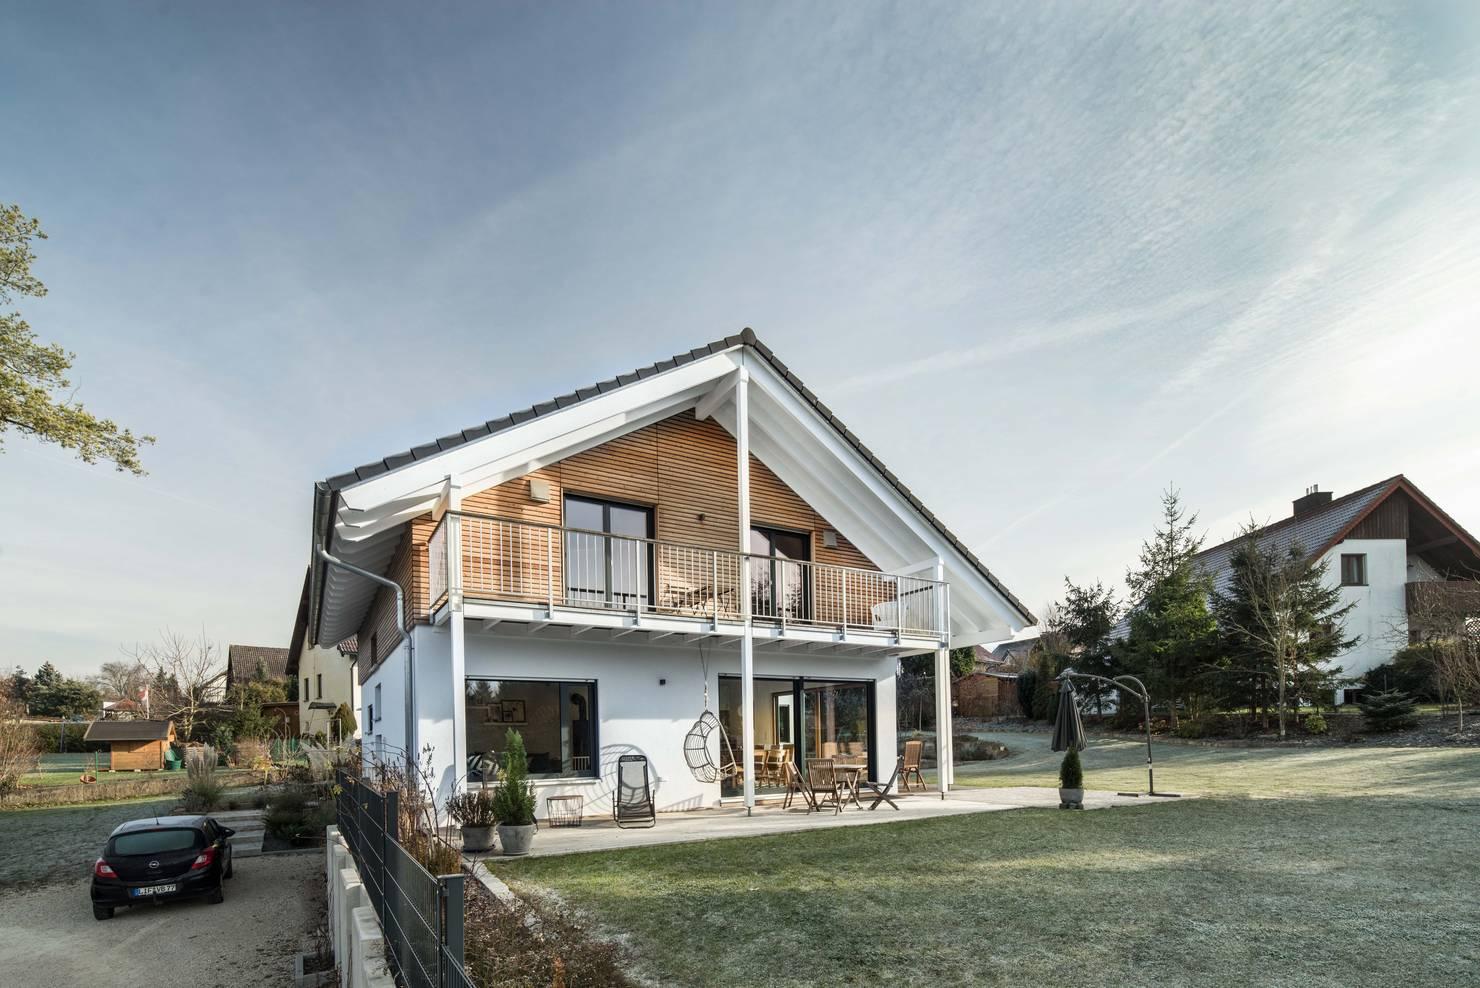 클래식과 모던이 만나다, 유러피안 단독주택 디자인